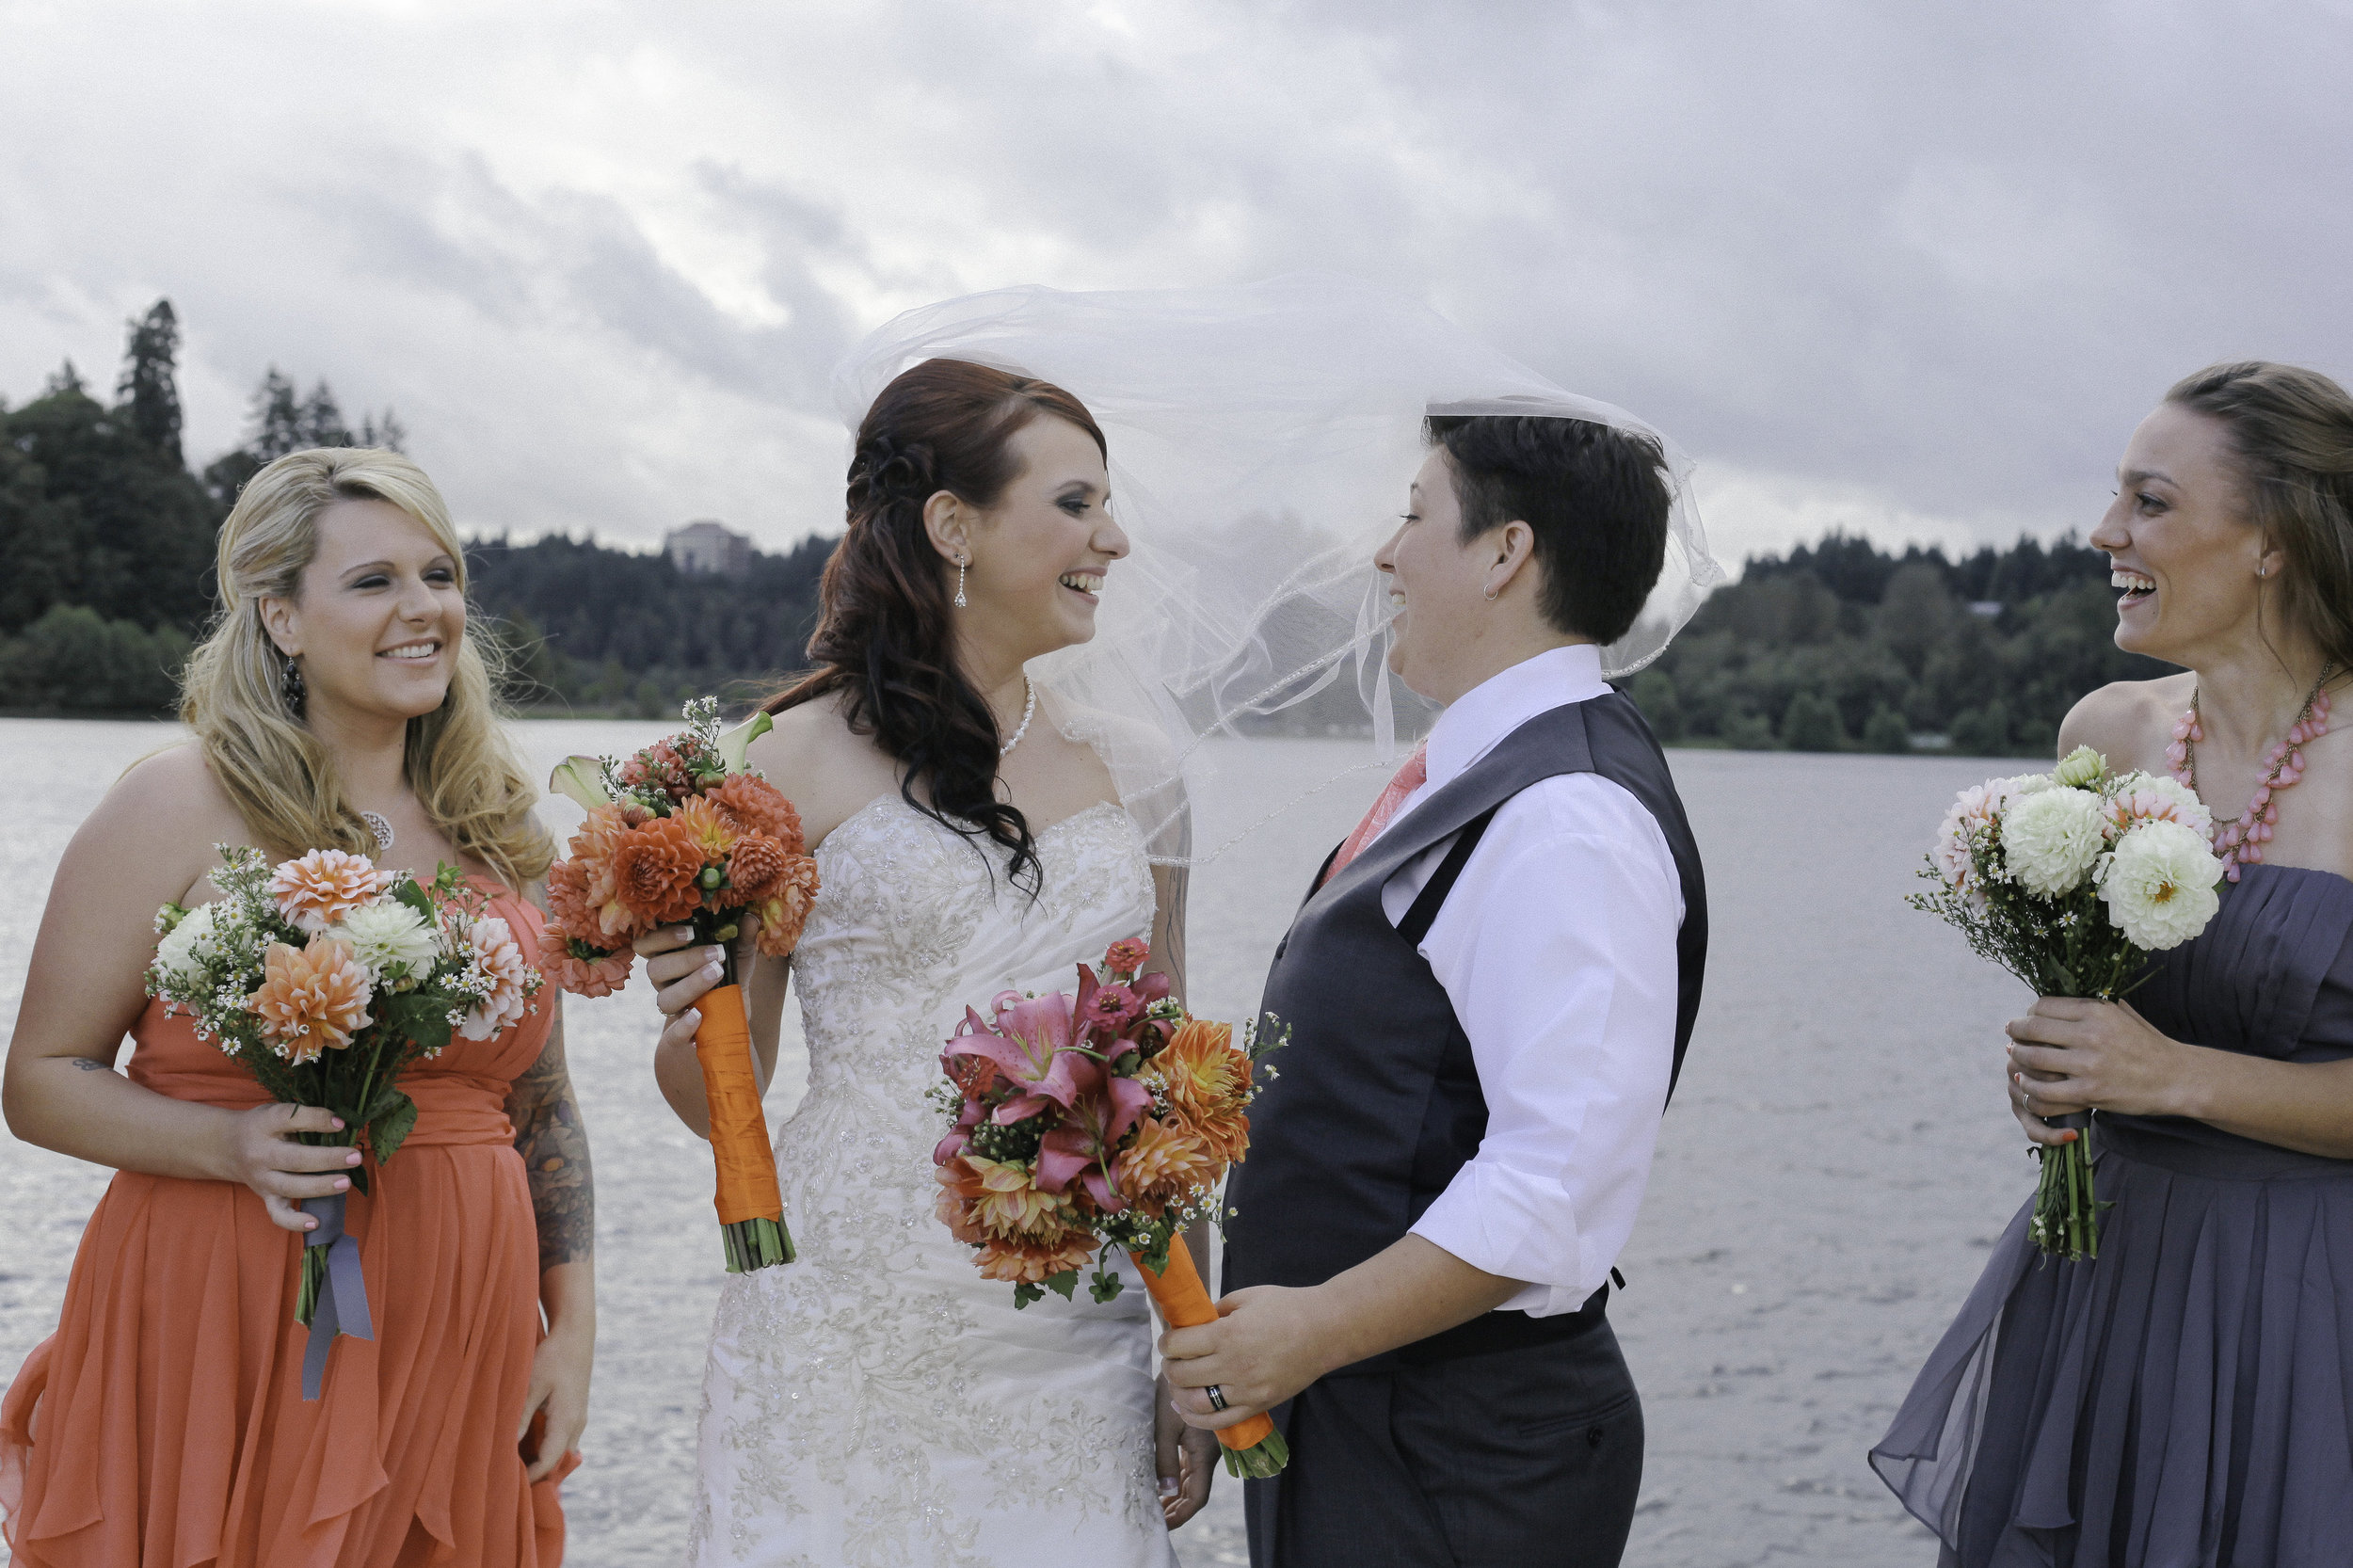 Devon Sara Married-Devon Sara-0184.jpg